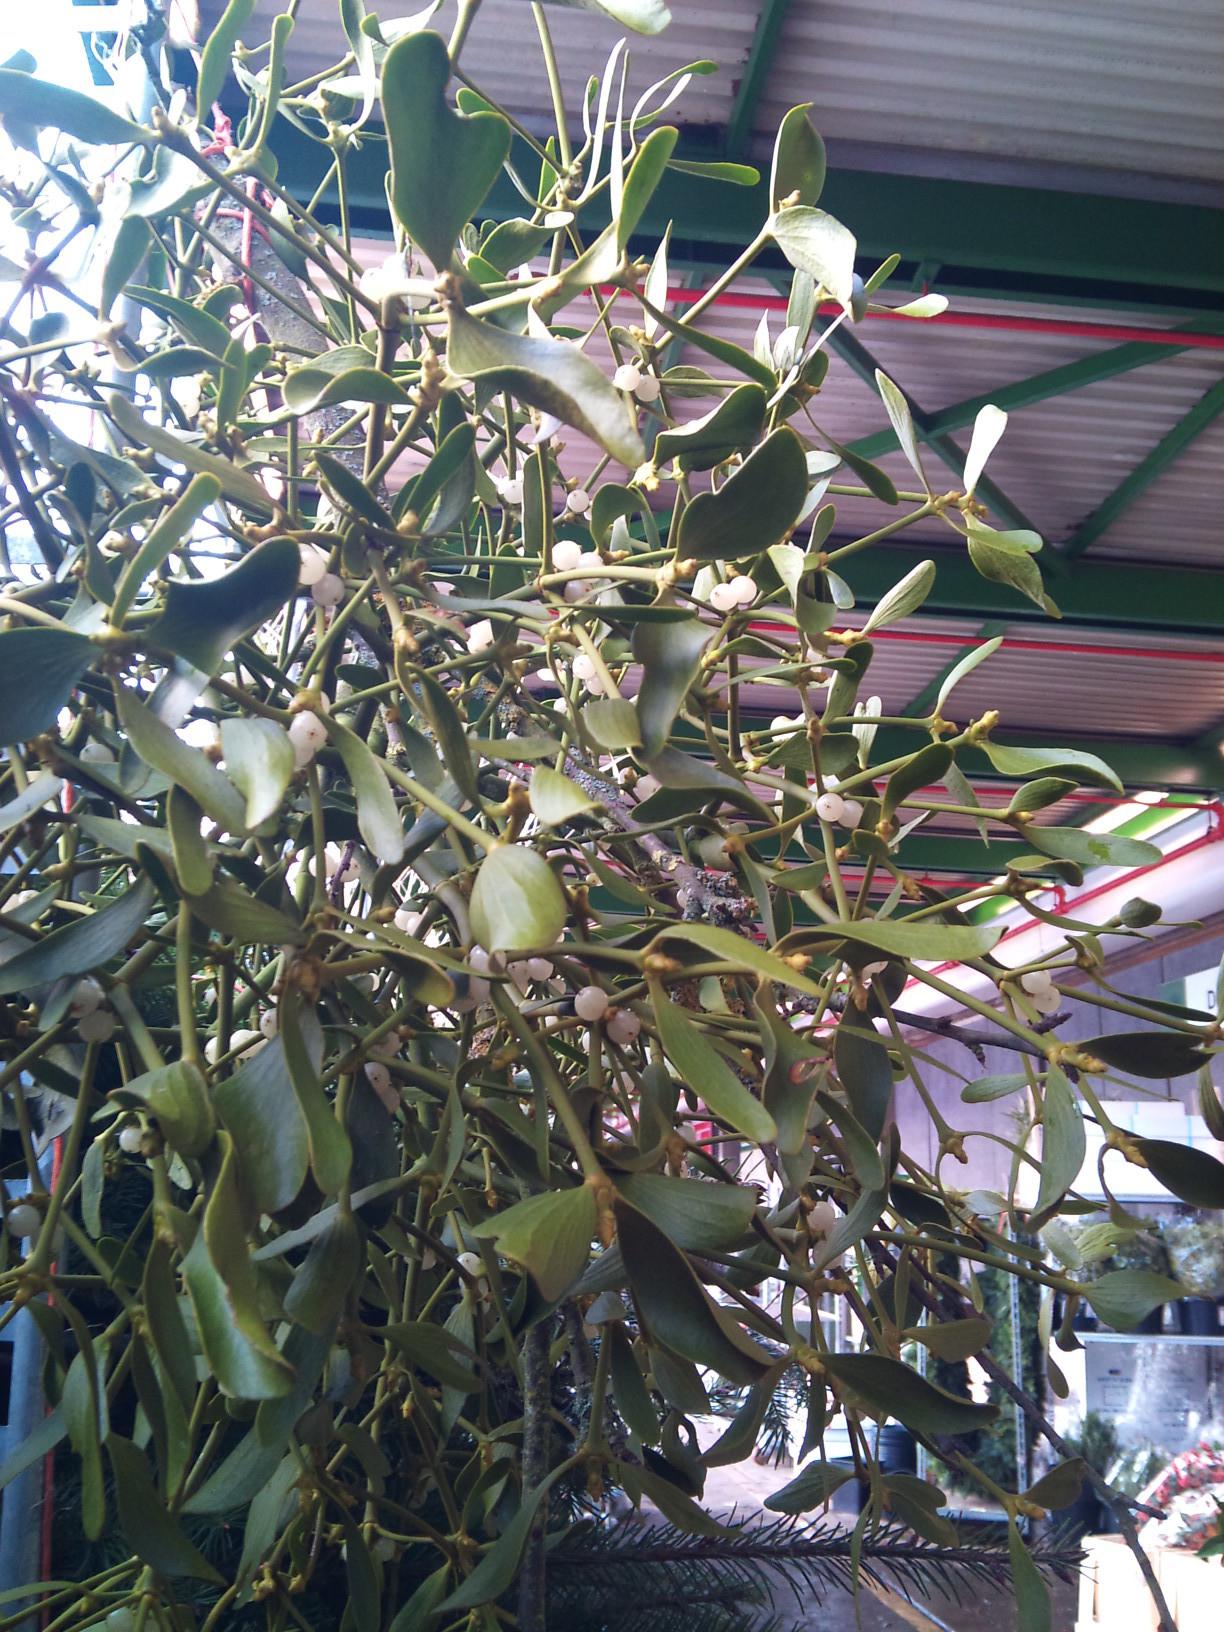 2012-12-mistletoe.jpg?mtime=20171003154121#asset:12655